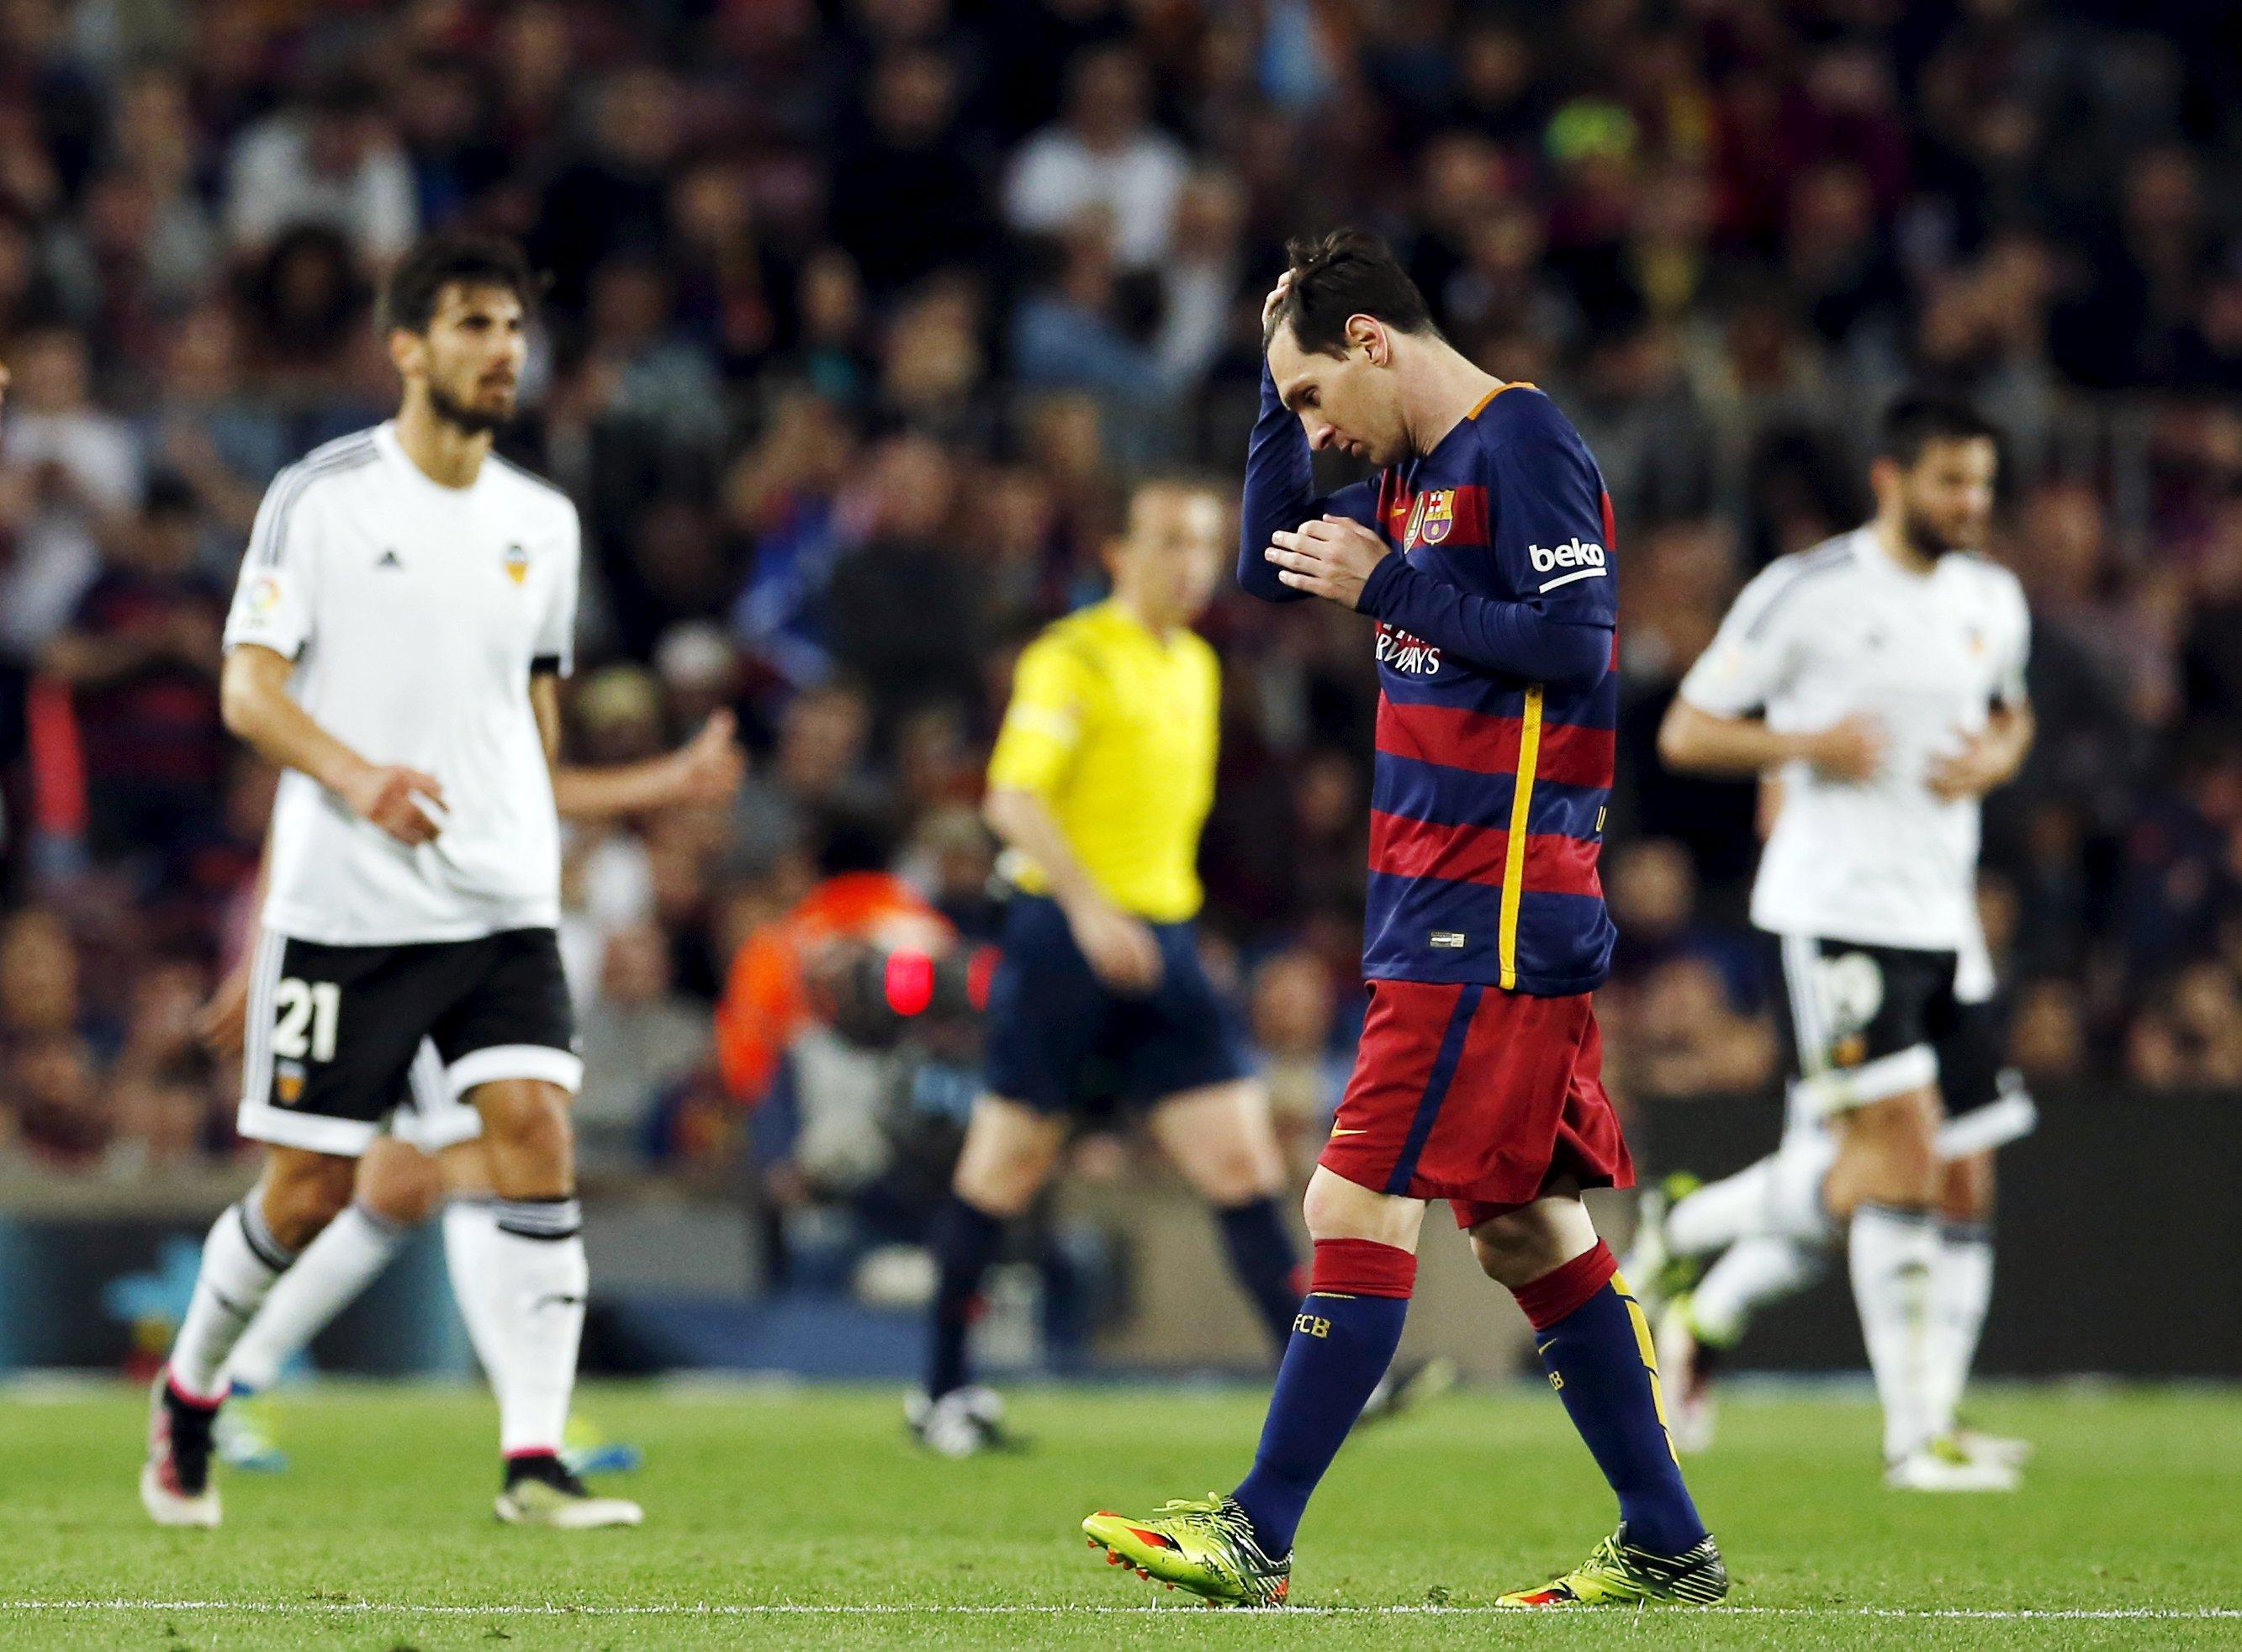 الليجا تشتعل..برشلونة يواصل الانهيار في ليلة الهدف رقم 500 لميسي